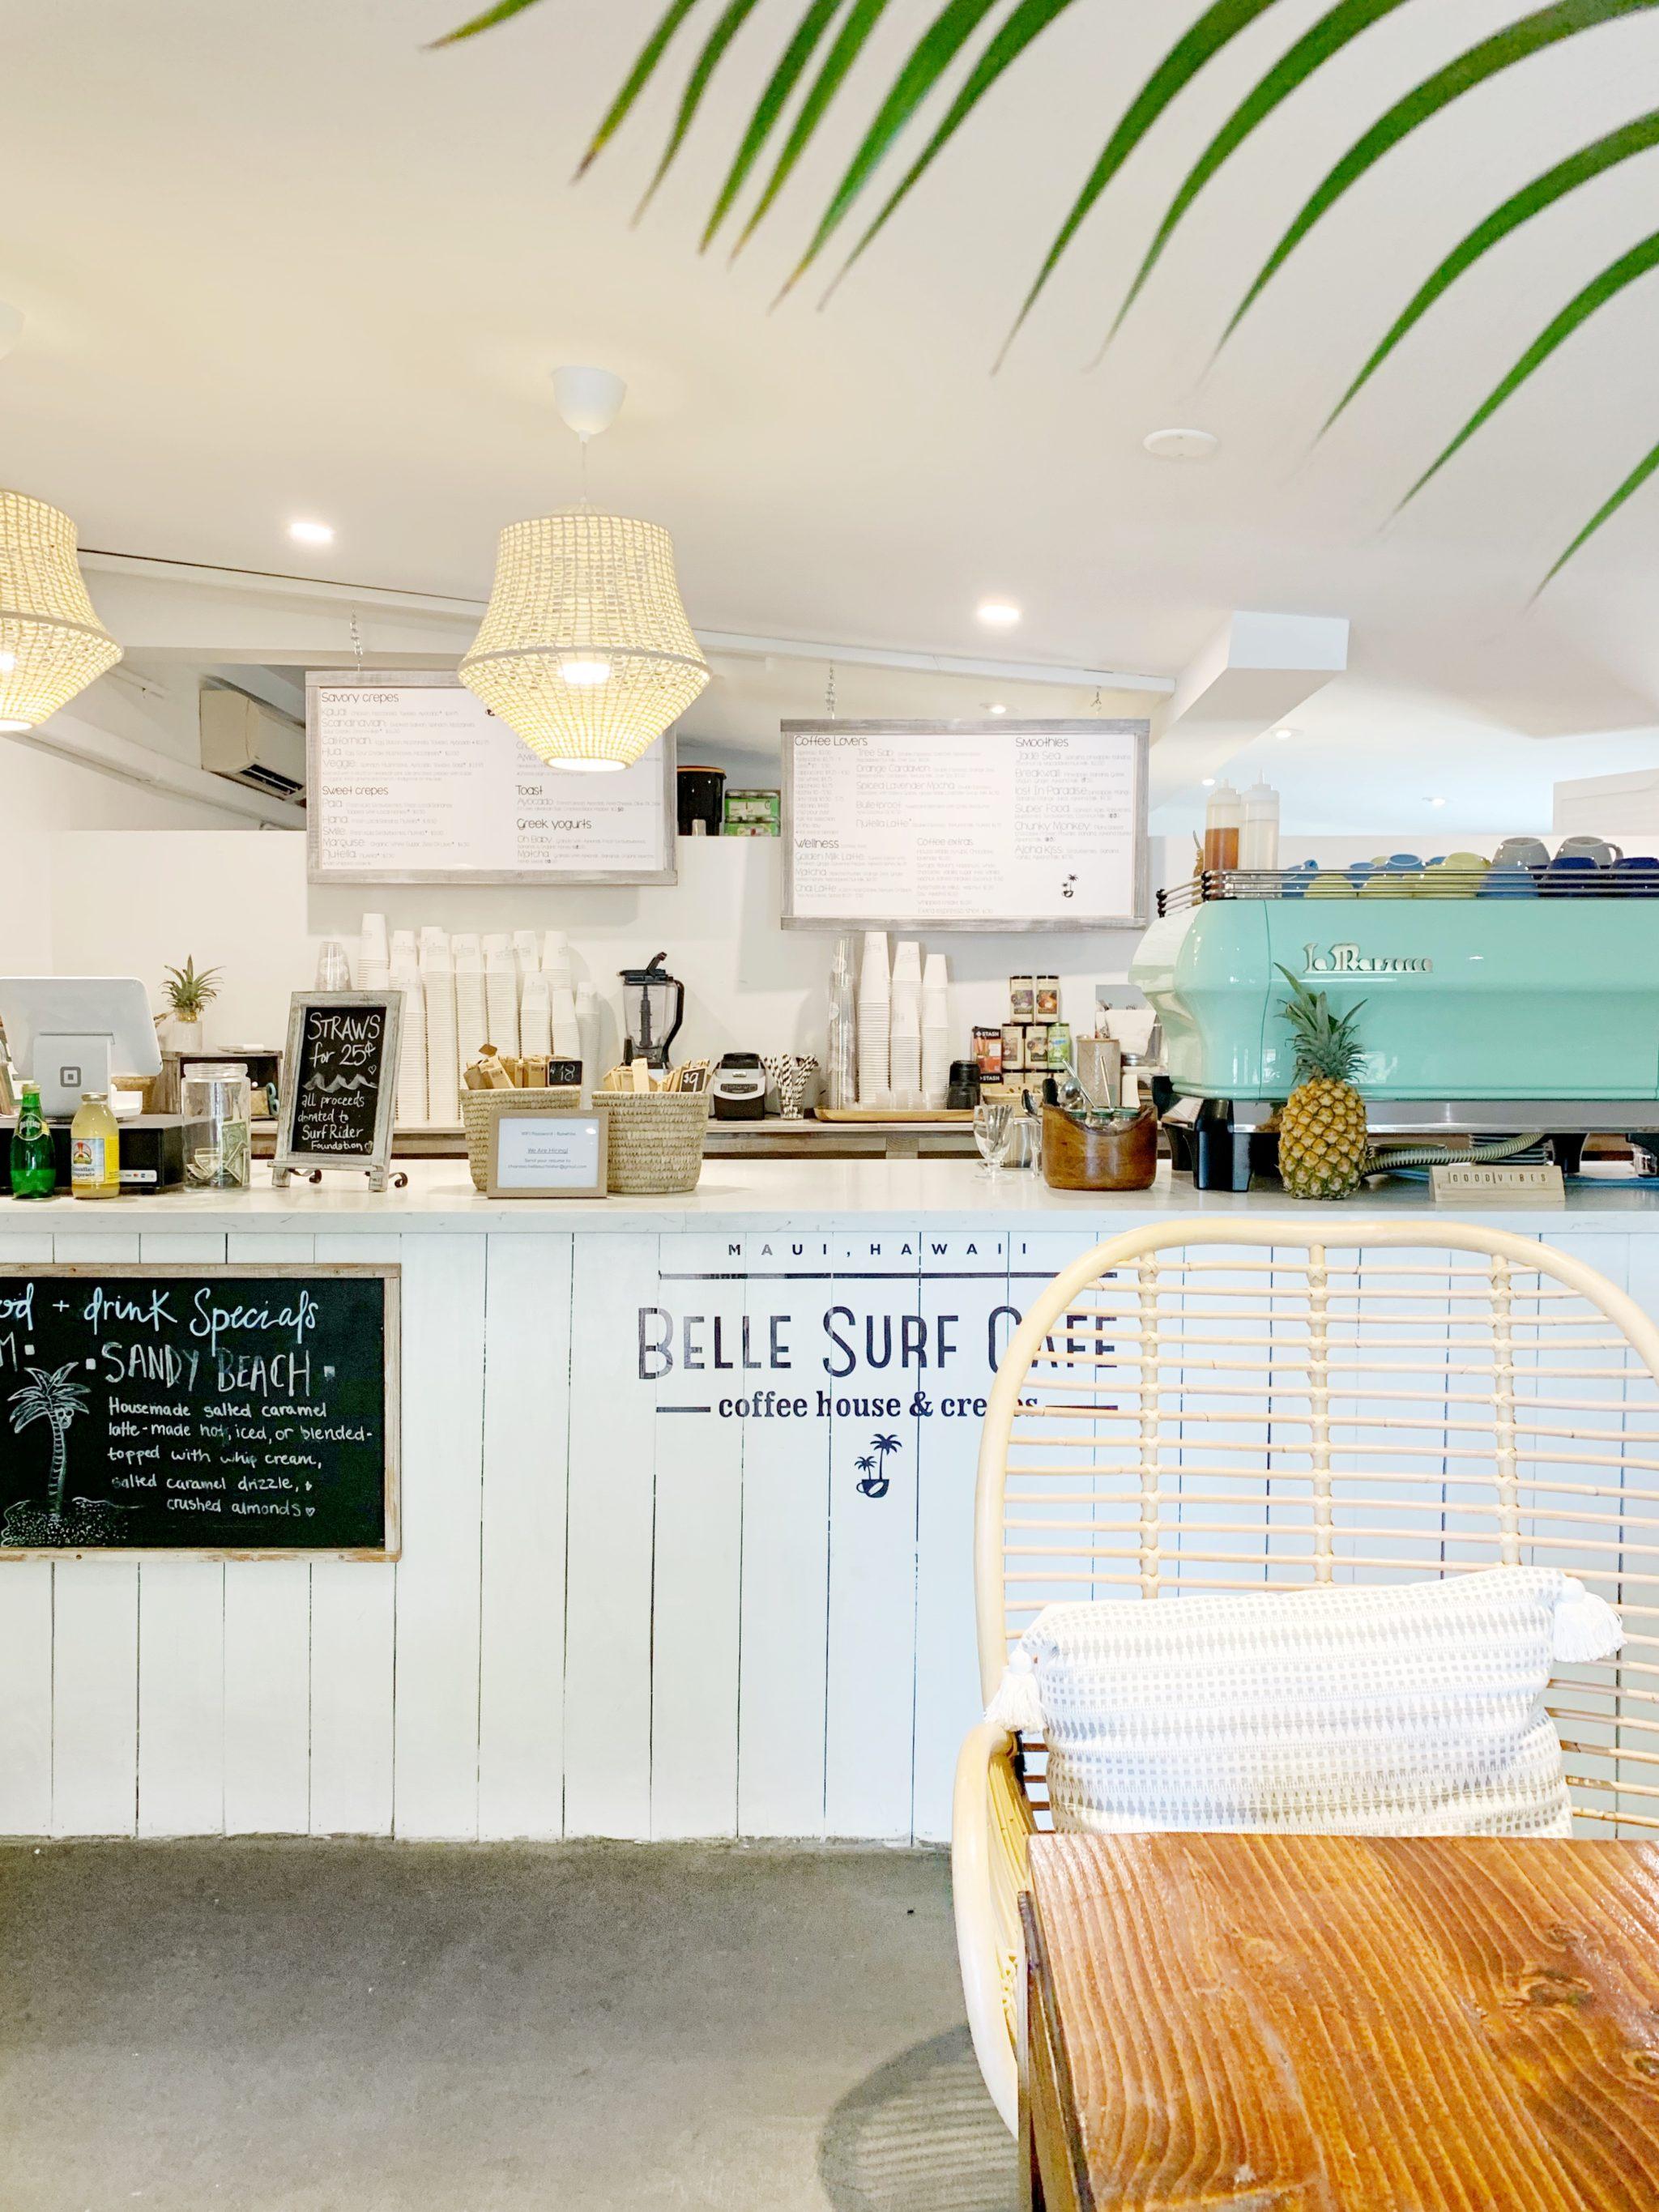 Belle Surf Cafe Maui